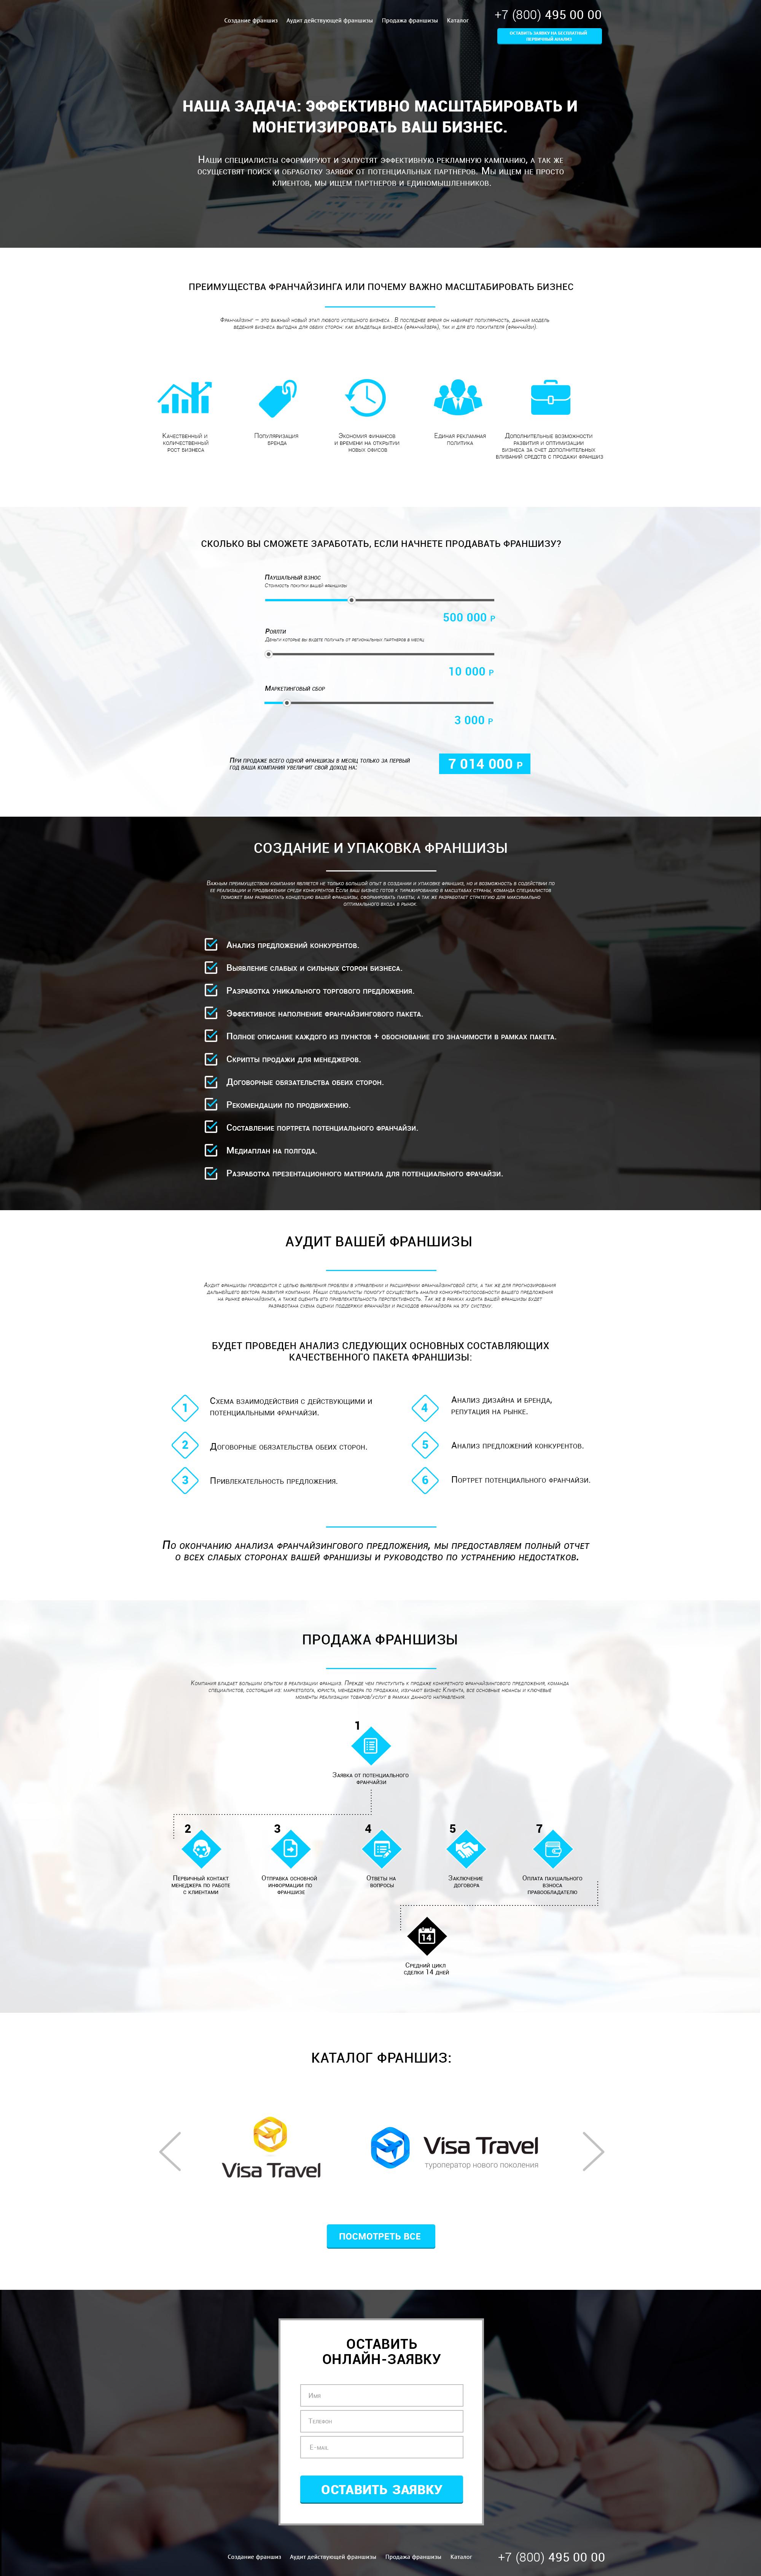 Разработка дизайна landing page для продажи франшиз (МАКЕТ ПРОДАЕТСЯ)